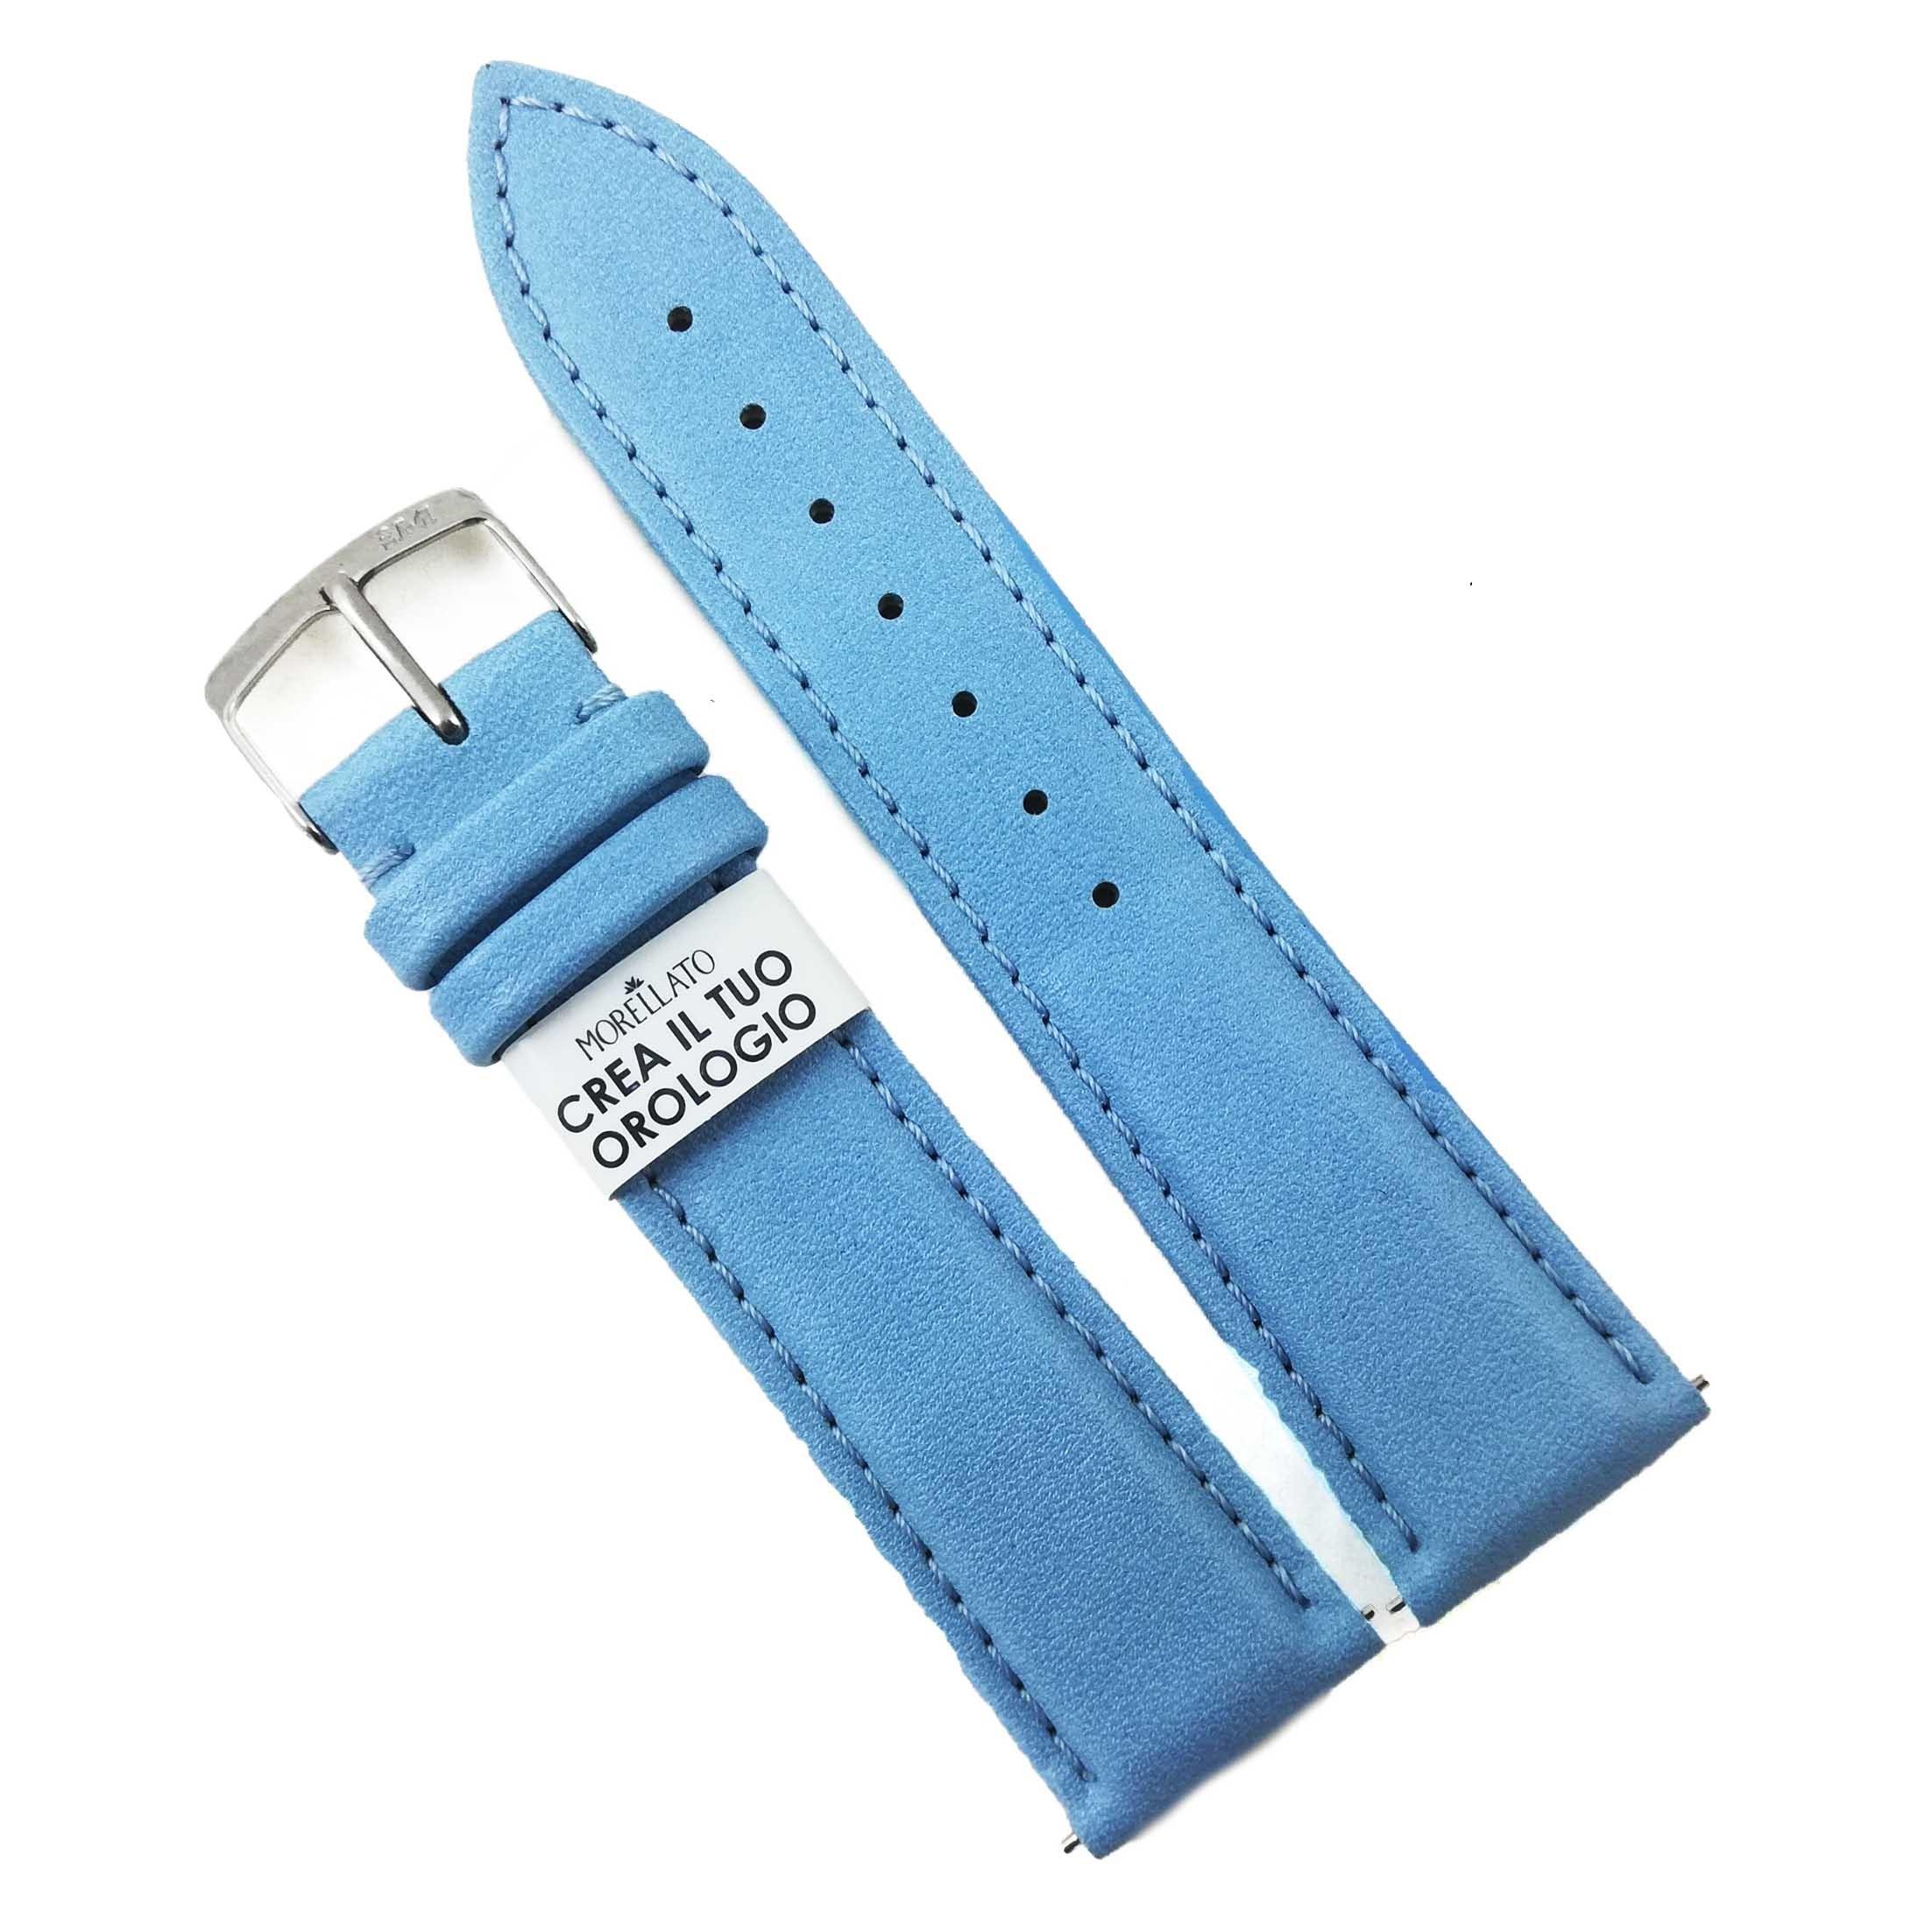 Curea De Ceas Morellato Trend Grana Soft Nappa - Culoare Bleu - 16mm 18mm 20mm - A01d5050c47068cr